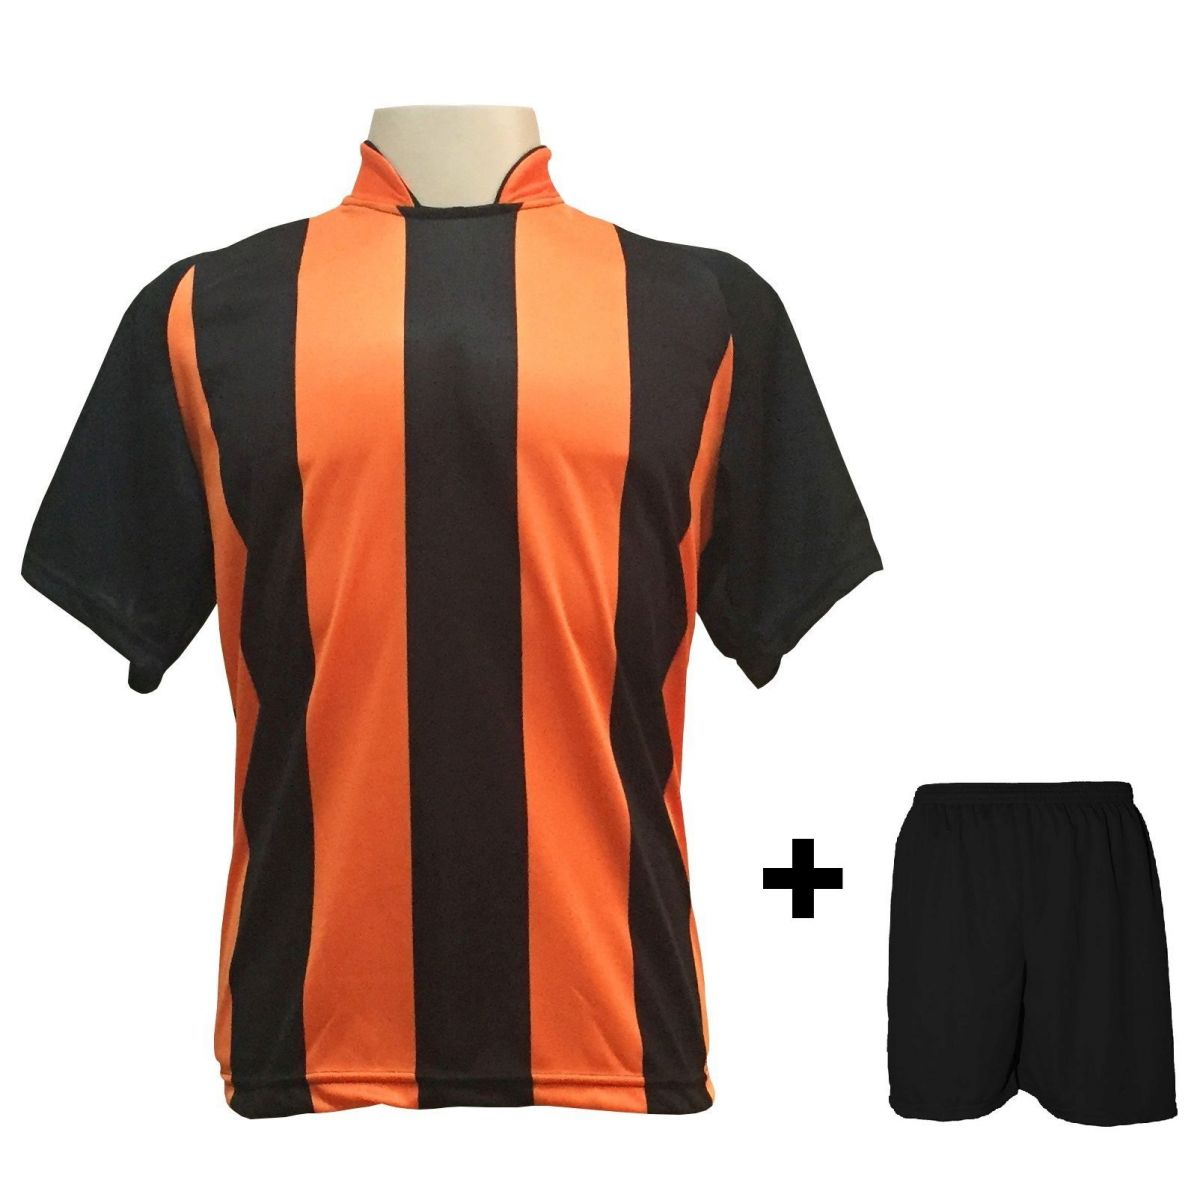 Uniforme Esportivo com 20 Camisas modelo Milan Preto Laranja + 20 Calções  modelo Madrid Preto ... 31edb90a20996